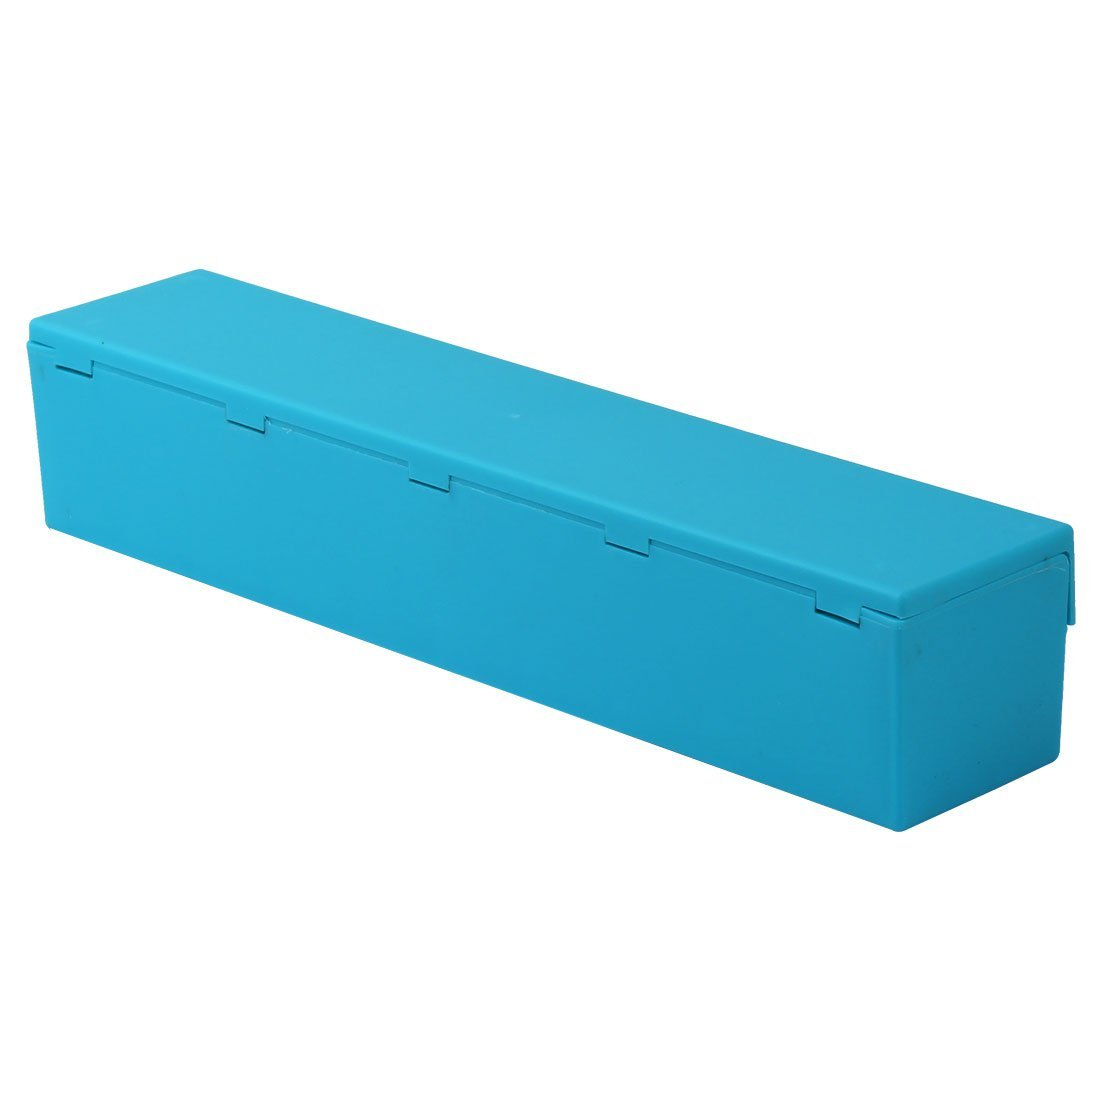 Amazon.com: eDealMax Domésticos de Cocina fresca de mantenimiento de alimento de la película abrigo de la hoja de papel de cera azul cortador dispensador: ...